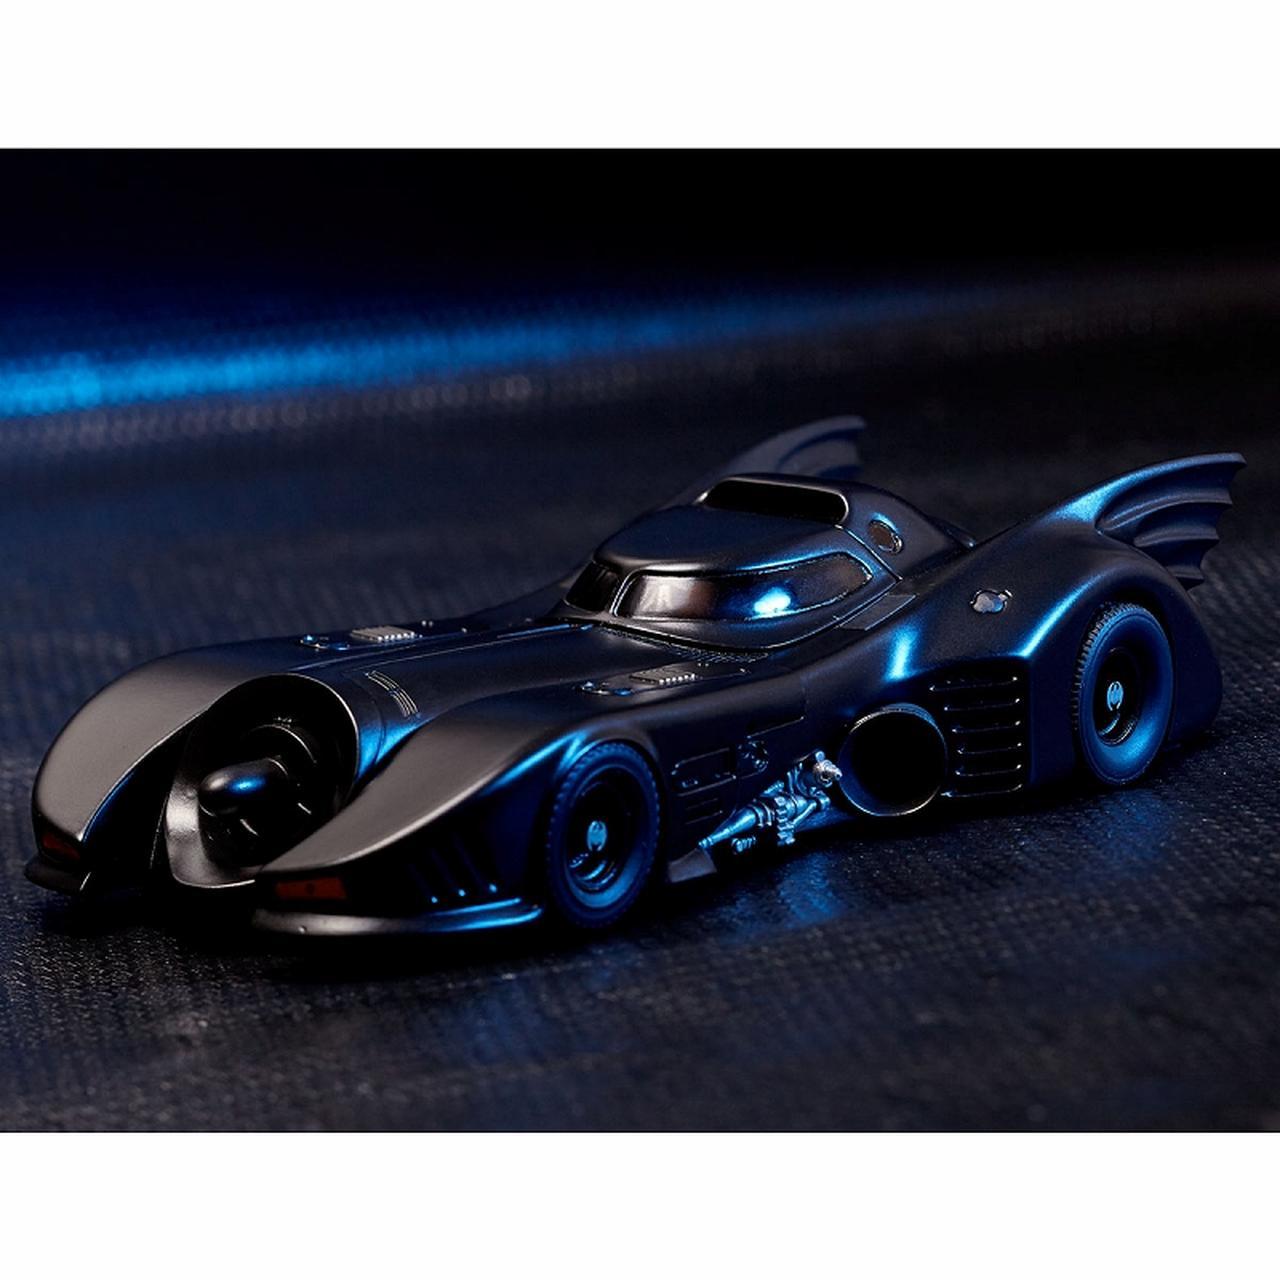 画像10: ティム・バートン監督作「バットマン」よりゴシック風デザイン、美しい流線型フォルを忠実に再現したバットモービルが発売!